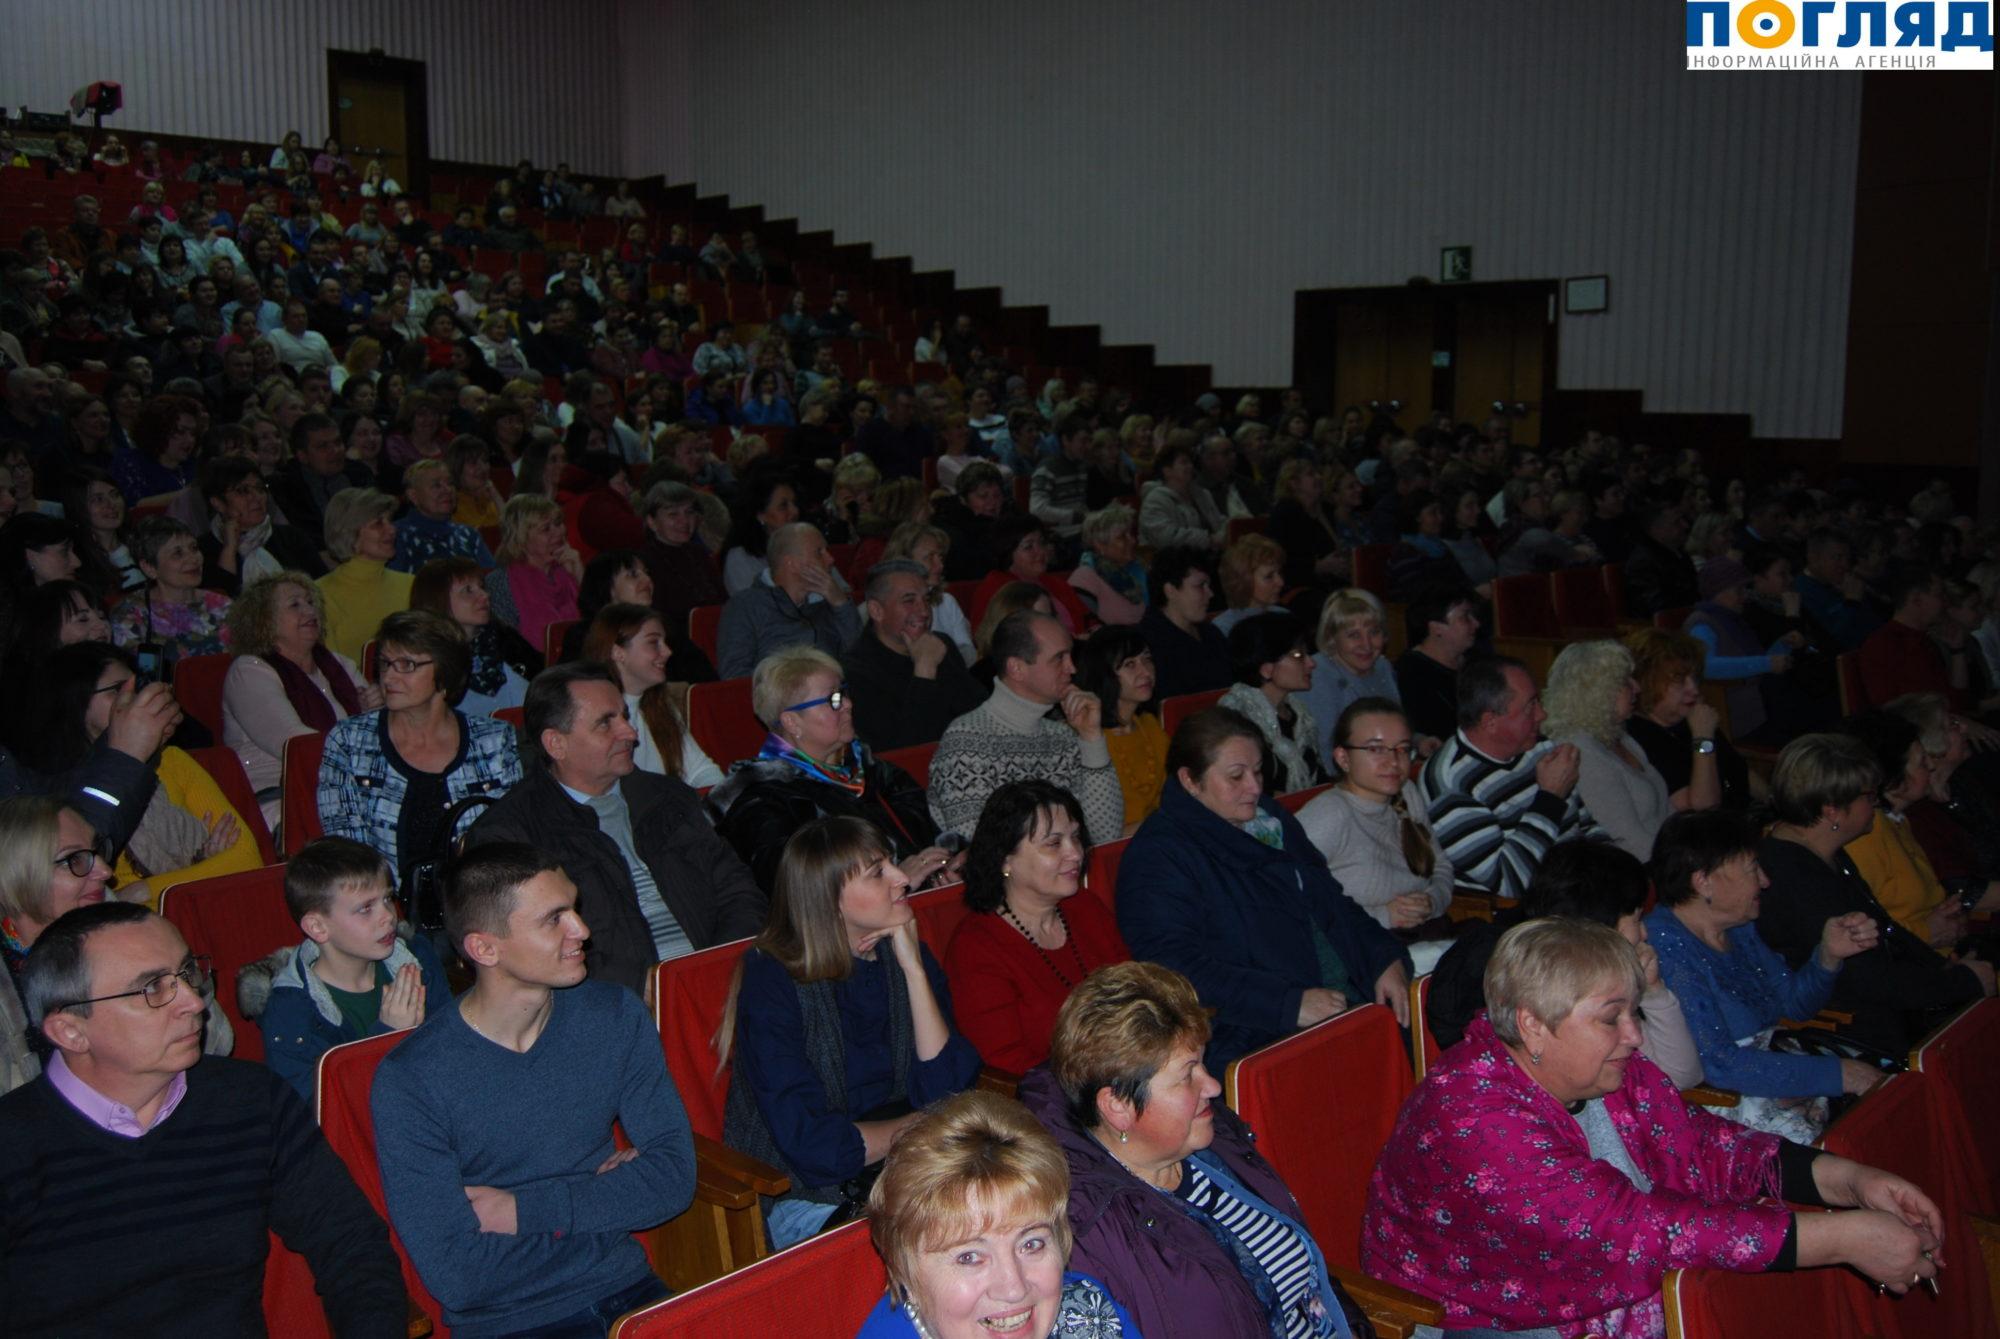 Допрем'єрний показ вистави за участі зірок театру і кіно вперше у Василькові -  - 000DSC 3648 2000x1339